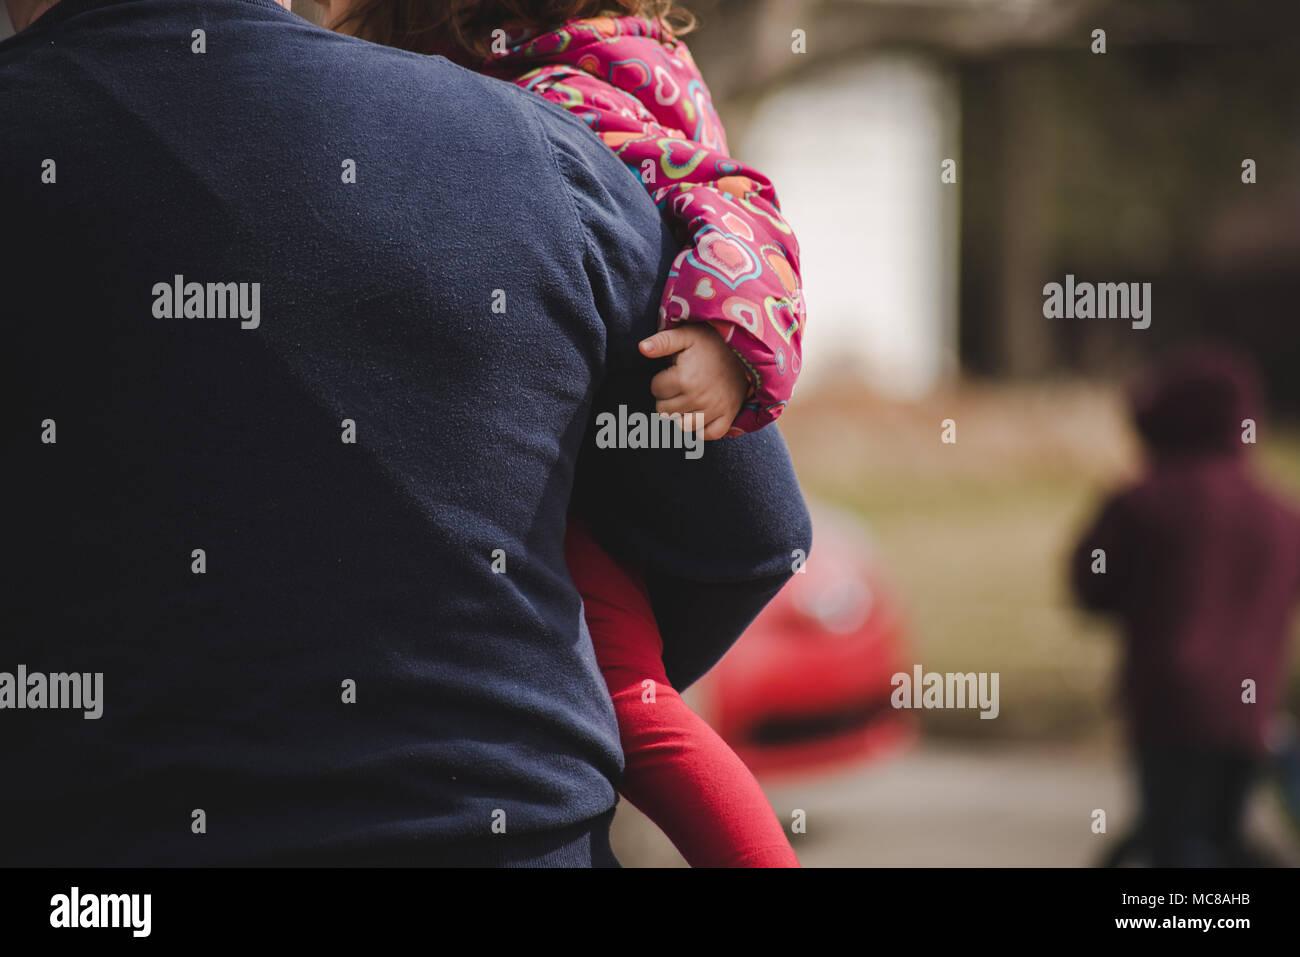 Un enfant étant détenu par son père. Photo Stock